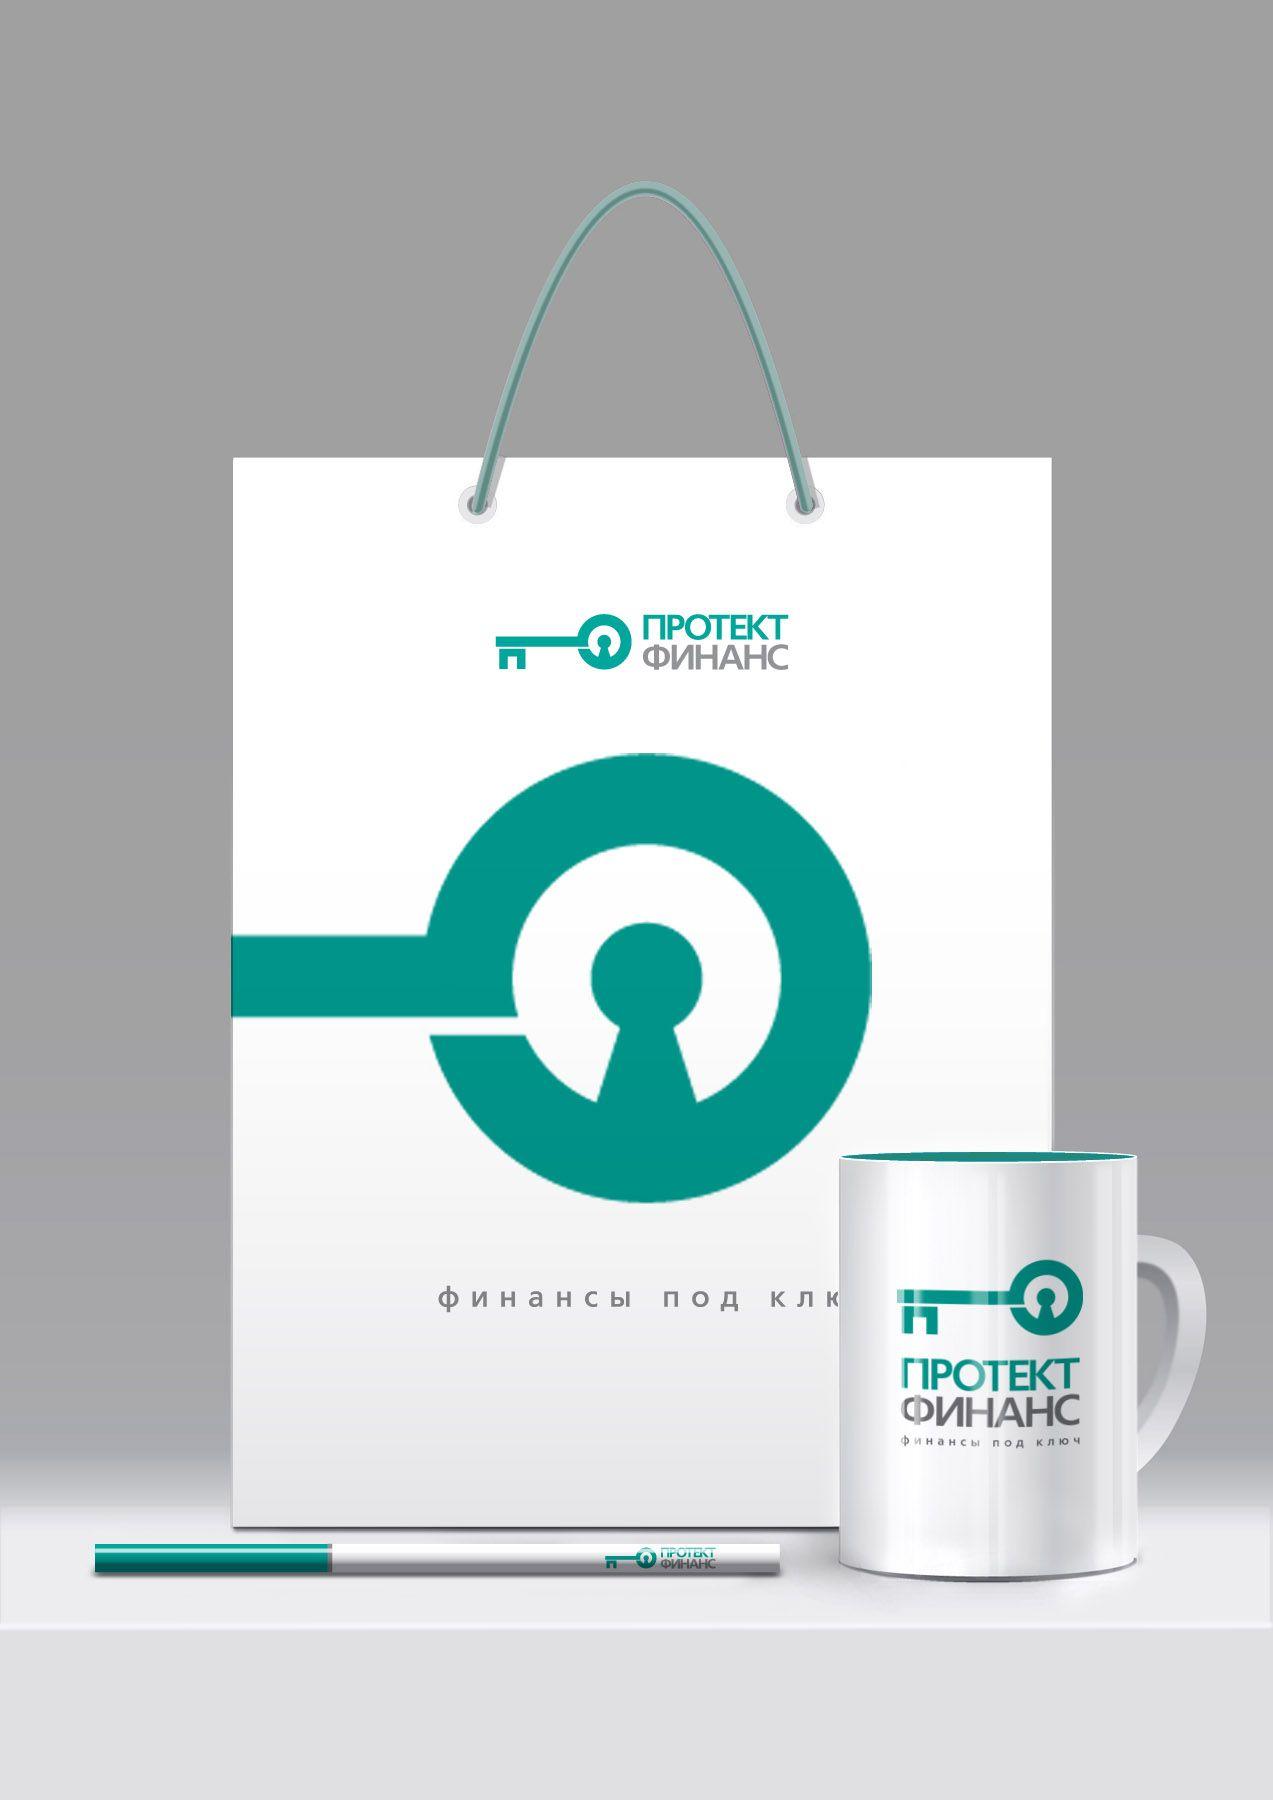 Фирм.стиль для ООО МФО «Протект Финанс» - дизайнер igor_kireyev